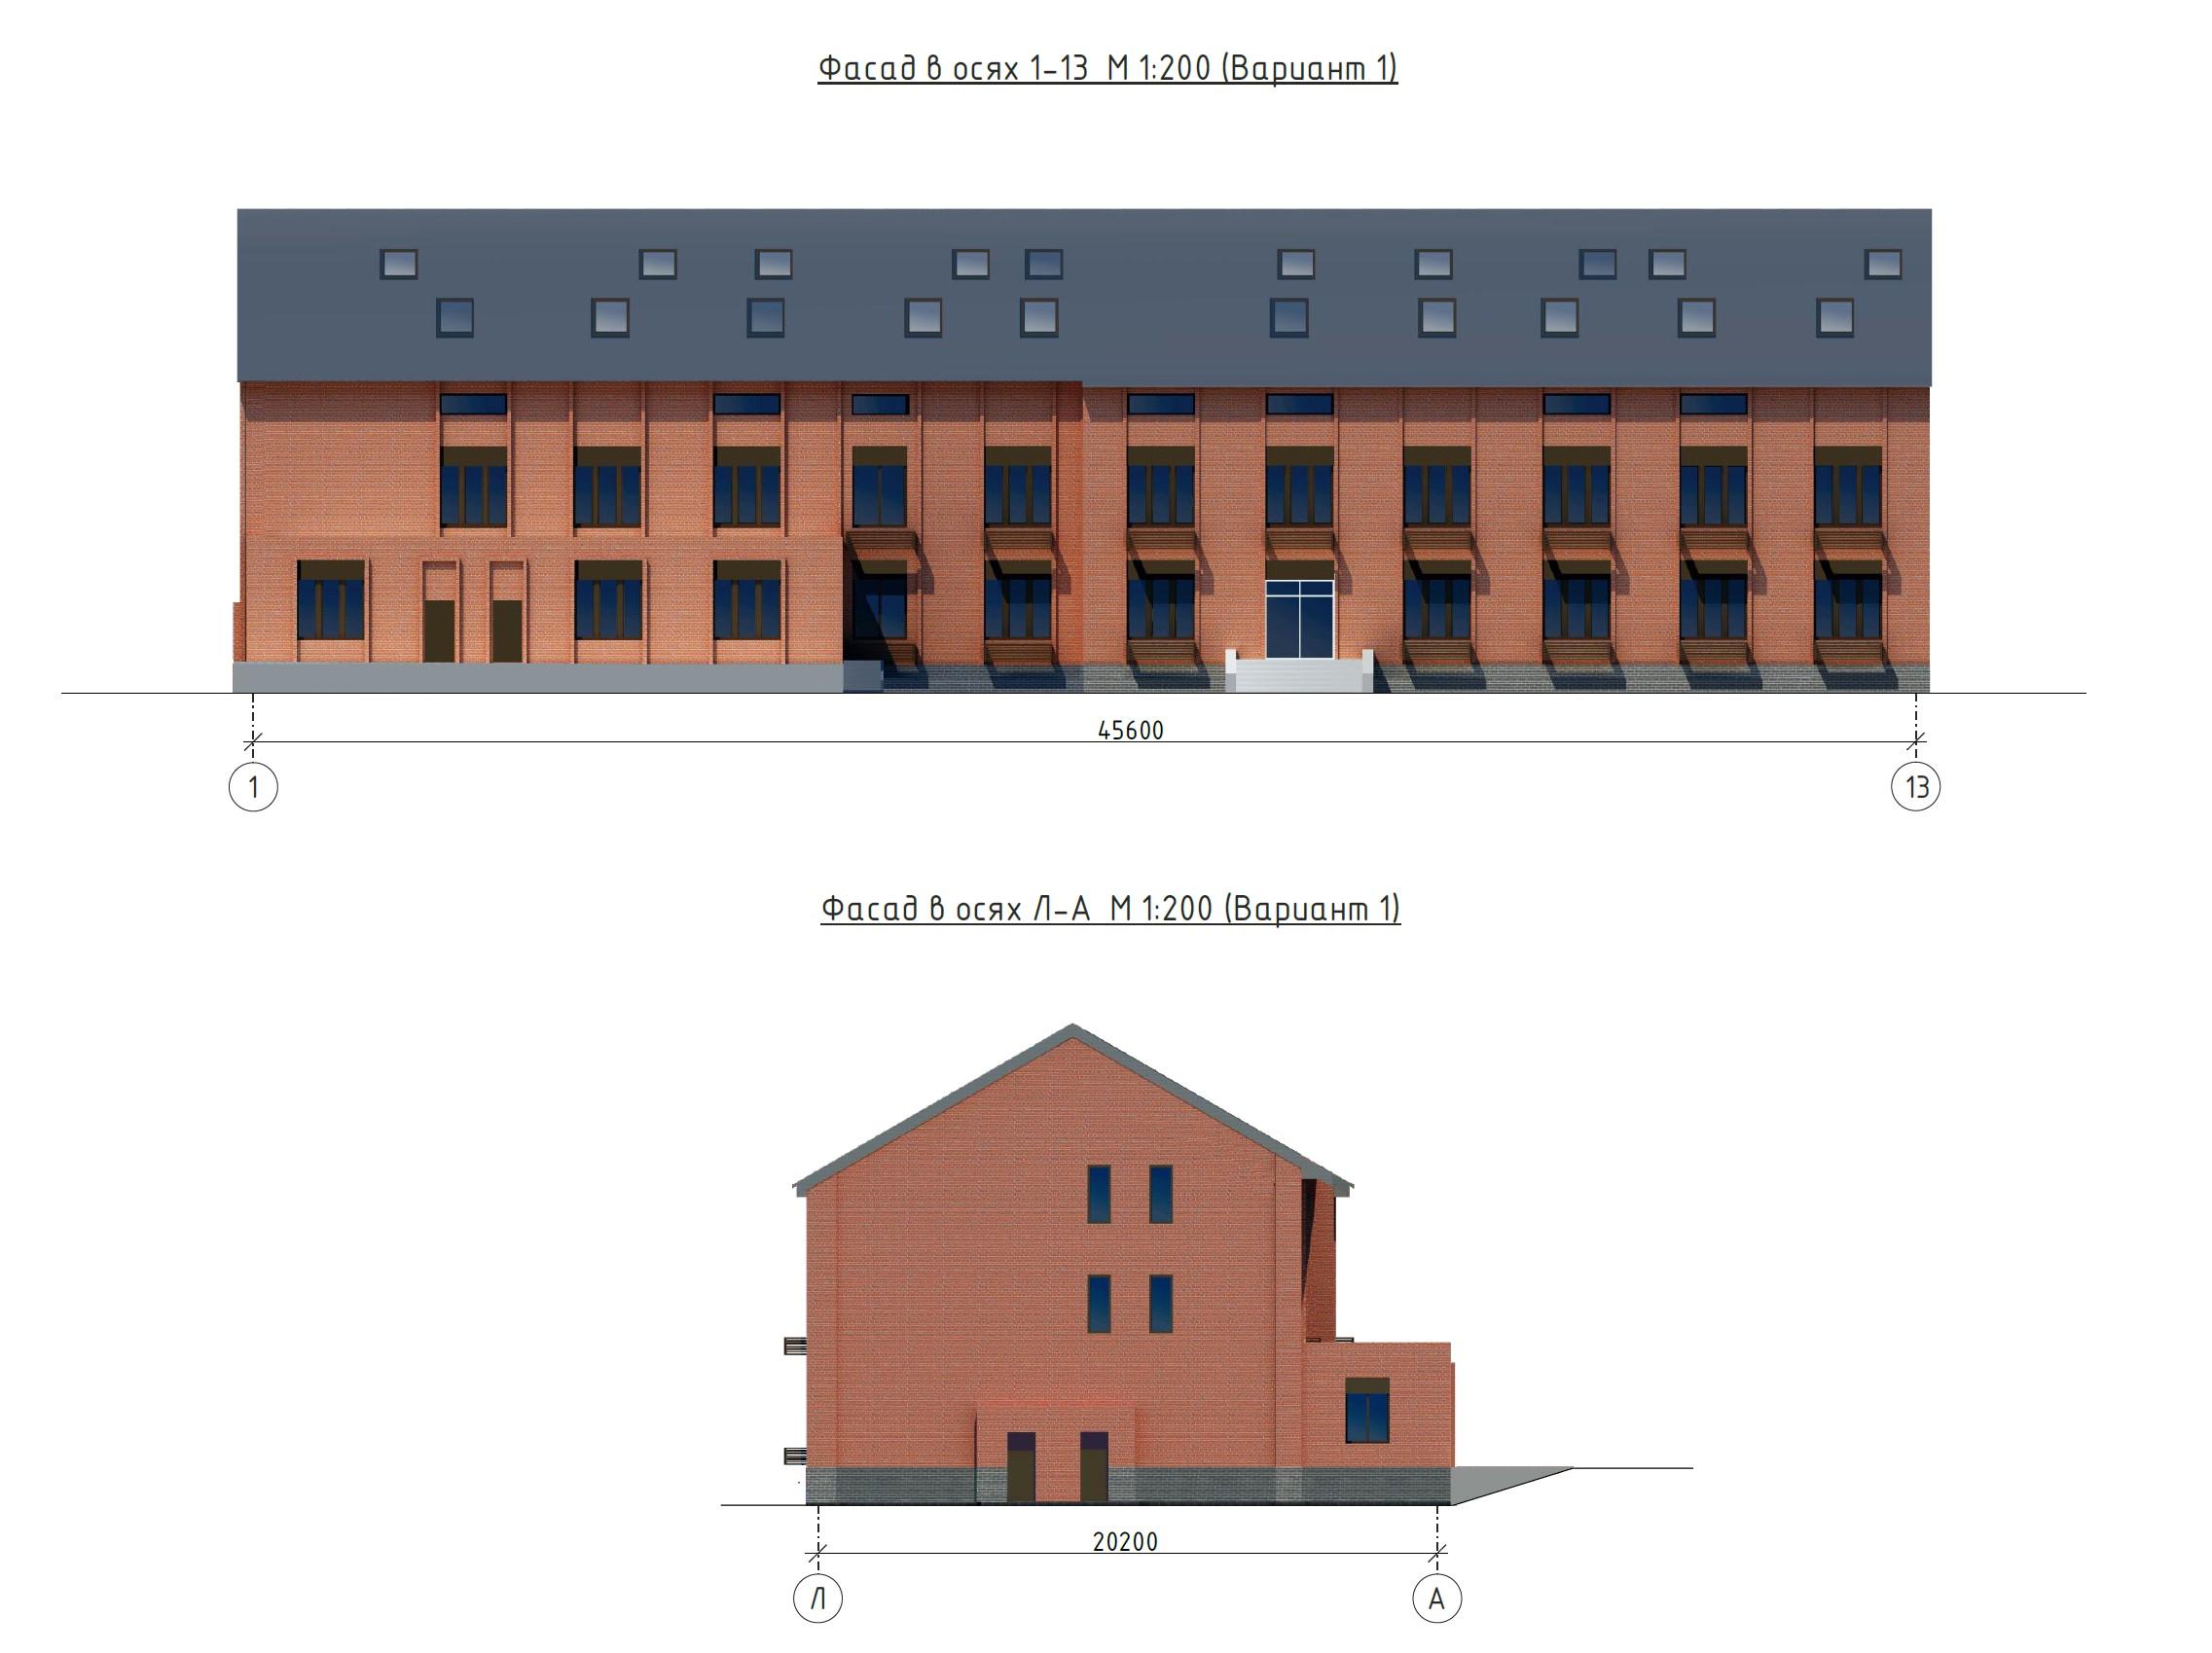 Фасады здания описываются в проекте и паспорте со всех прилегающих улиц.